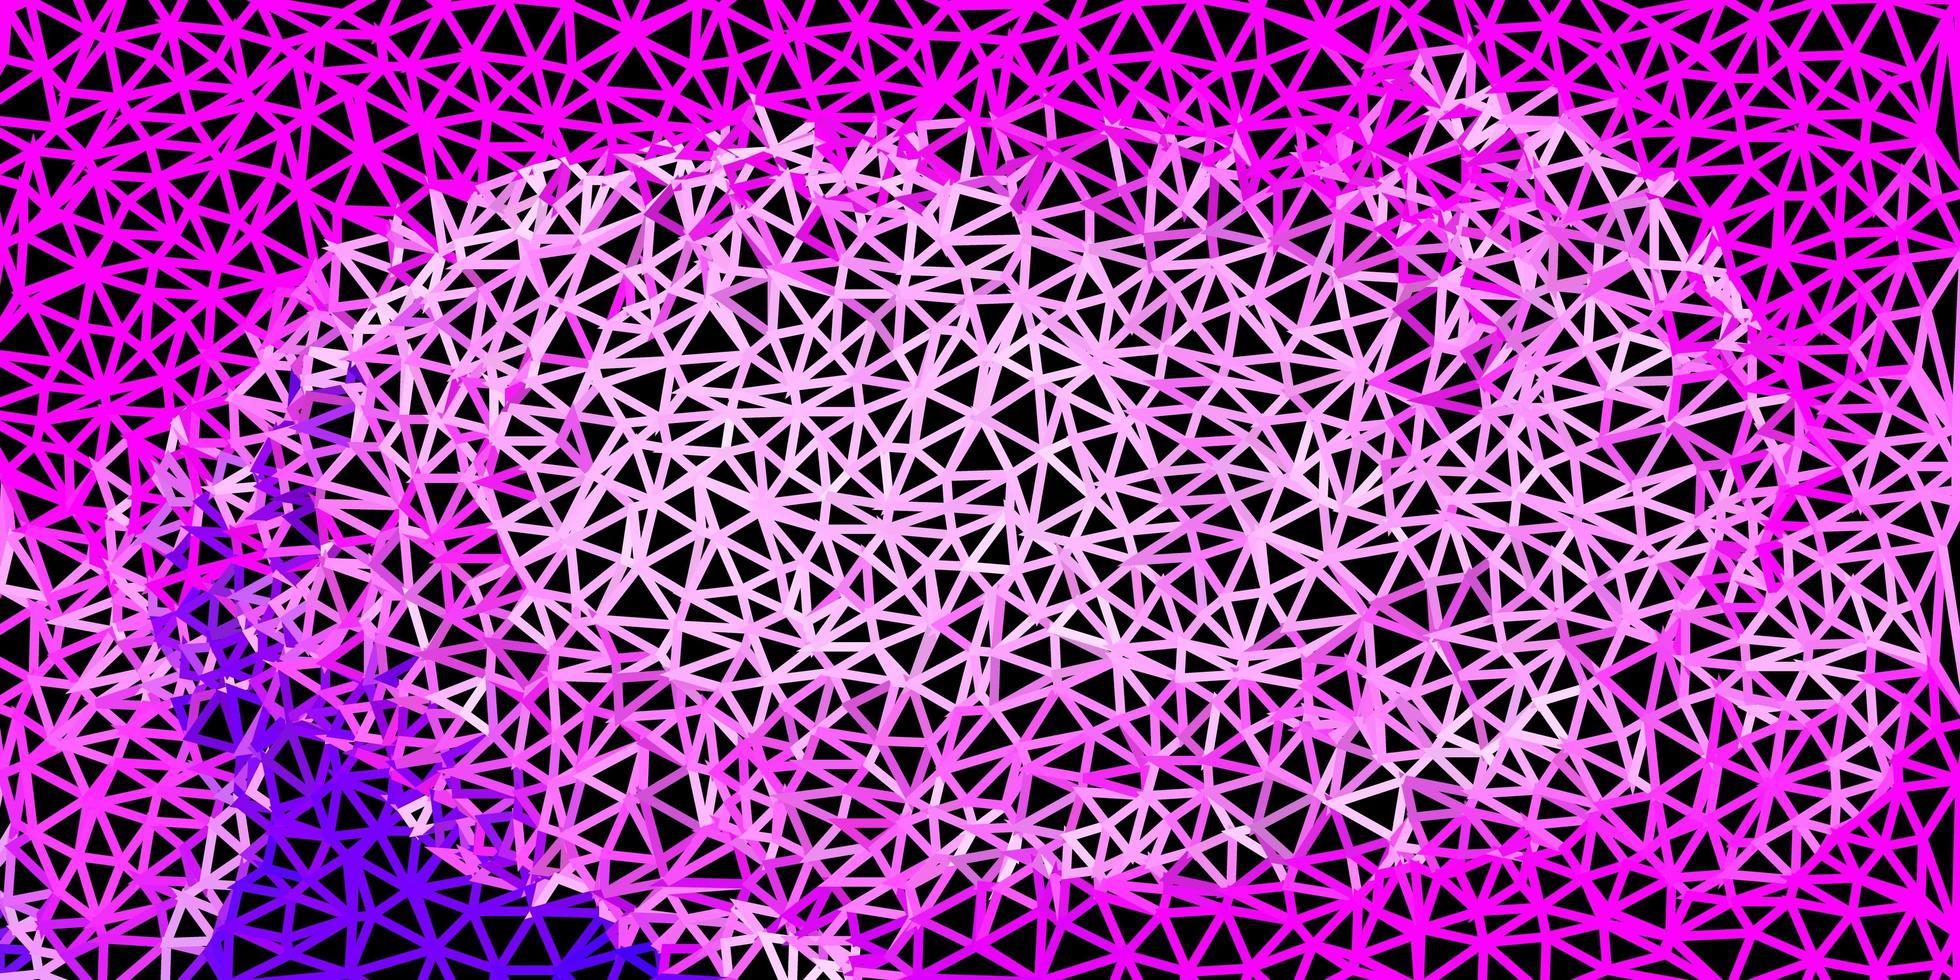 textura de triángulo abstracto vector rosa claro.